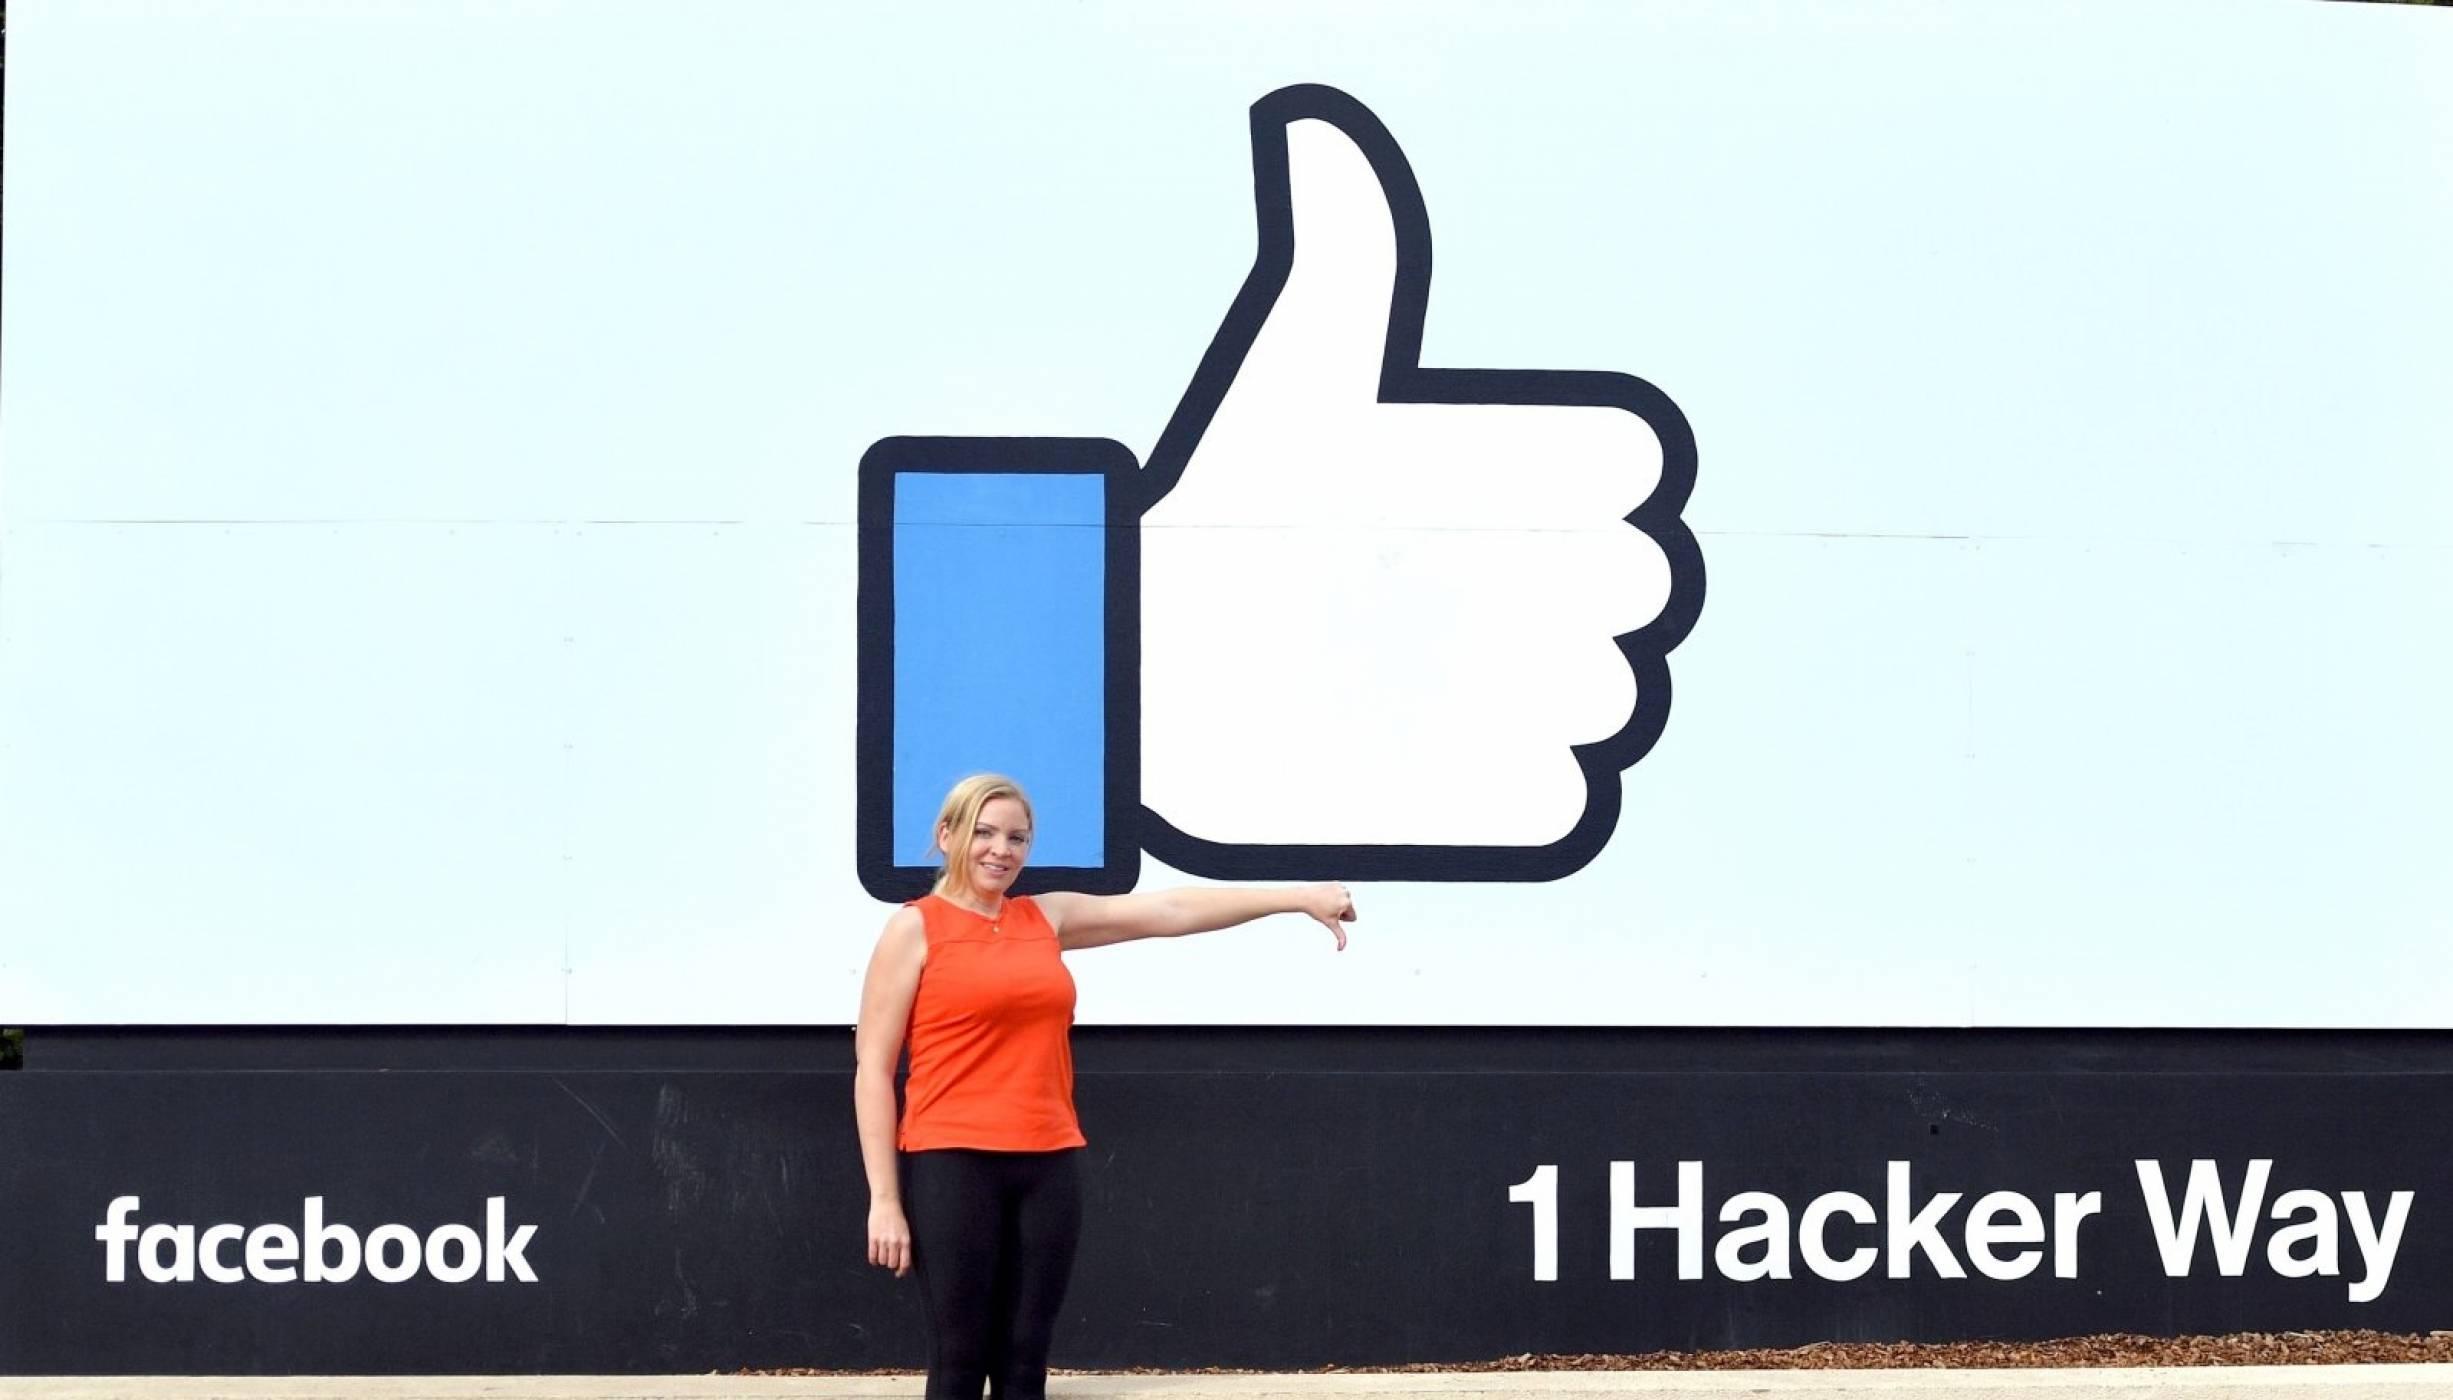 Бутонът за отрицателно гласуване във Facebook е наличен при все повече потребители